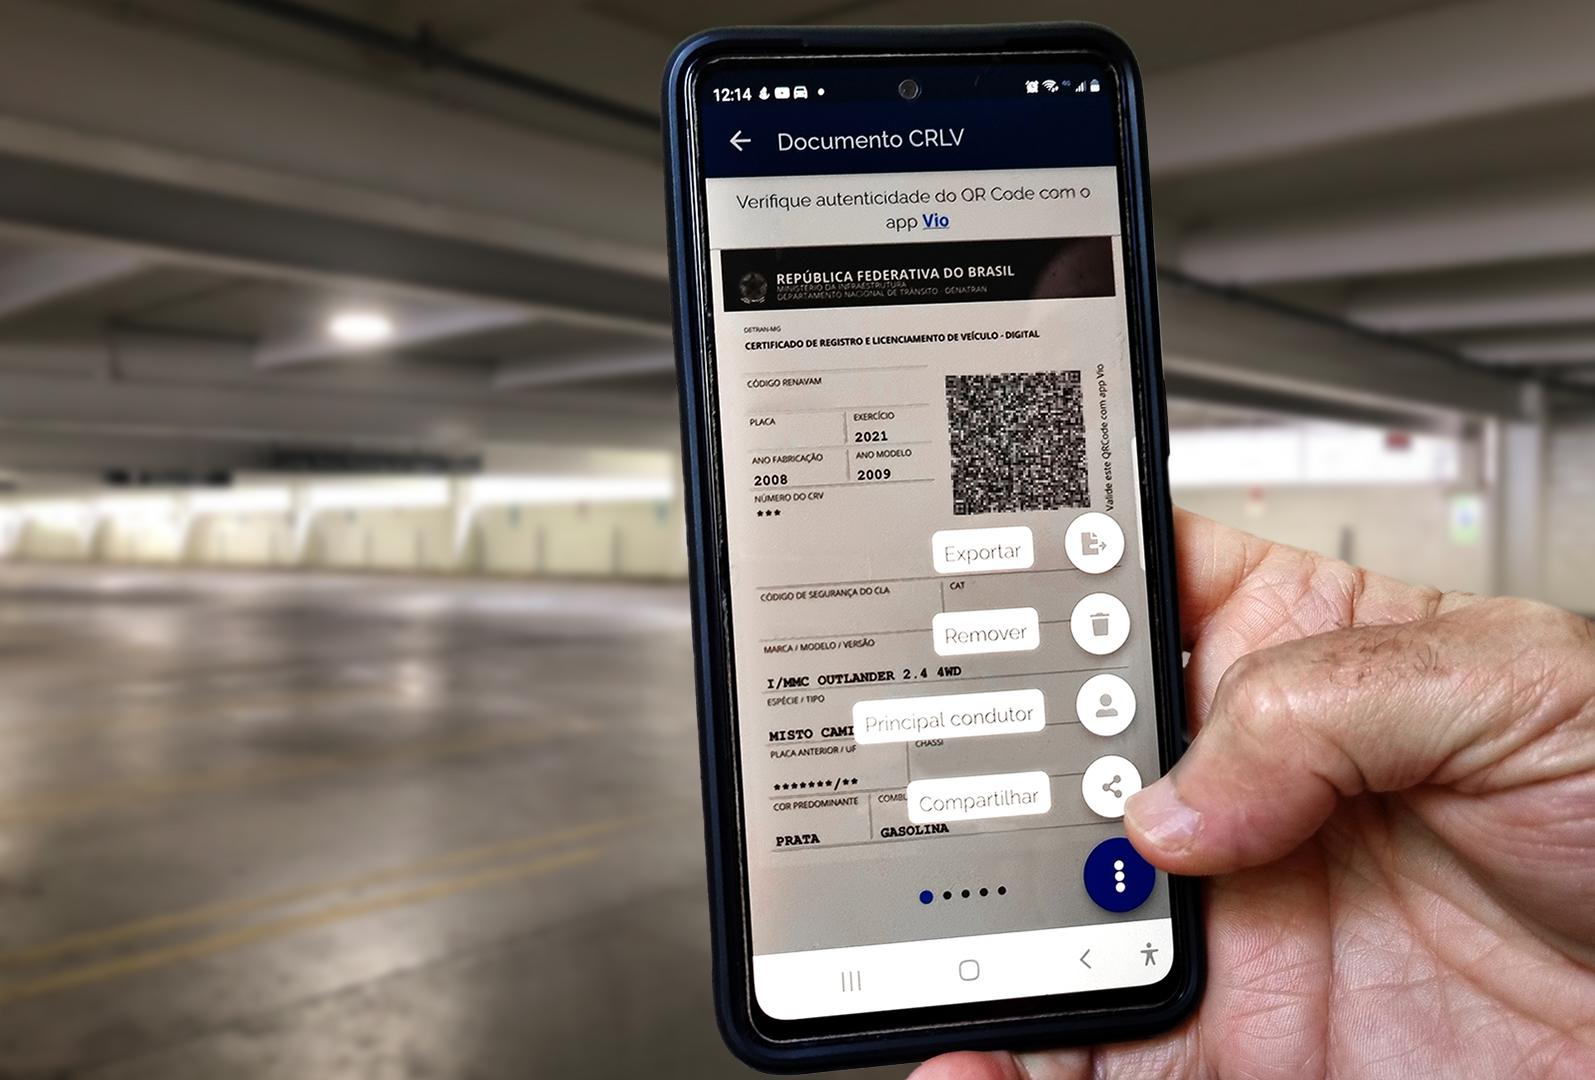 tela opcoes do icone veiculos do aplicativo carteira digital de transito 2